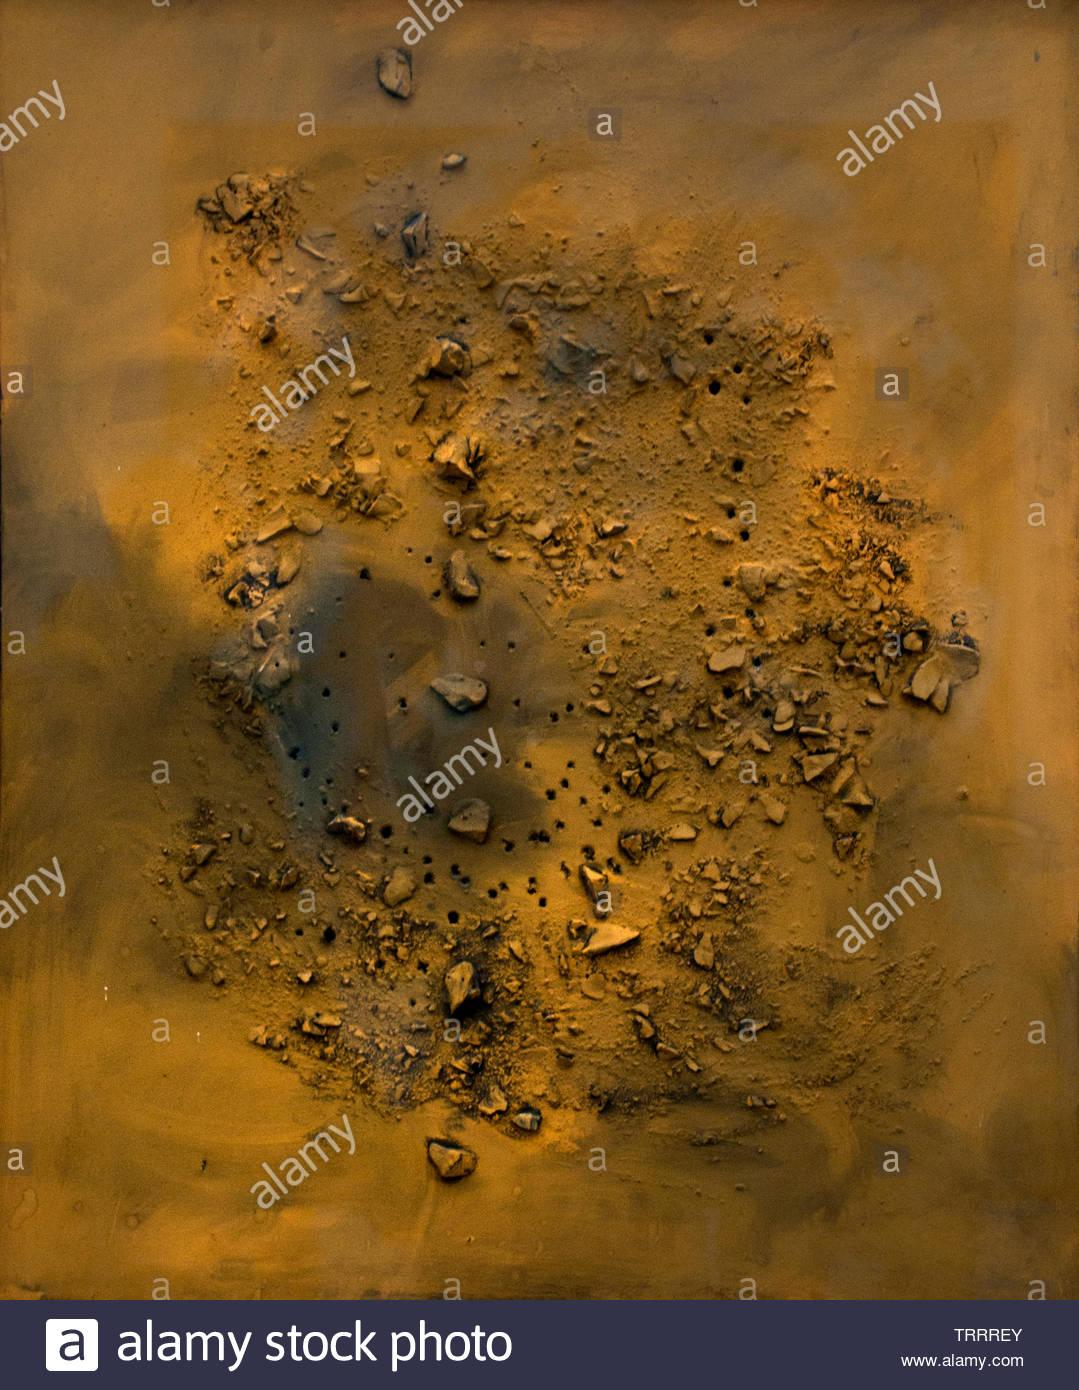 Concetto spaziale - Concetto spaziale (54 P 11) 1954 Lucio Fontana nato nel 1899 Argentine-Italian pittore e scultore , Spazialismo. Italia Immagini Stock